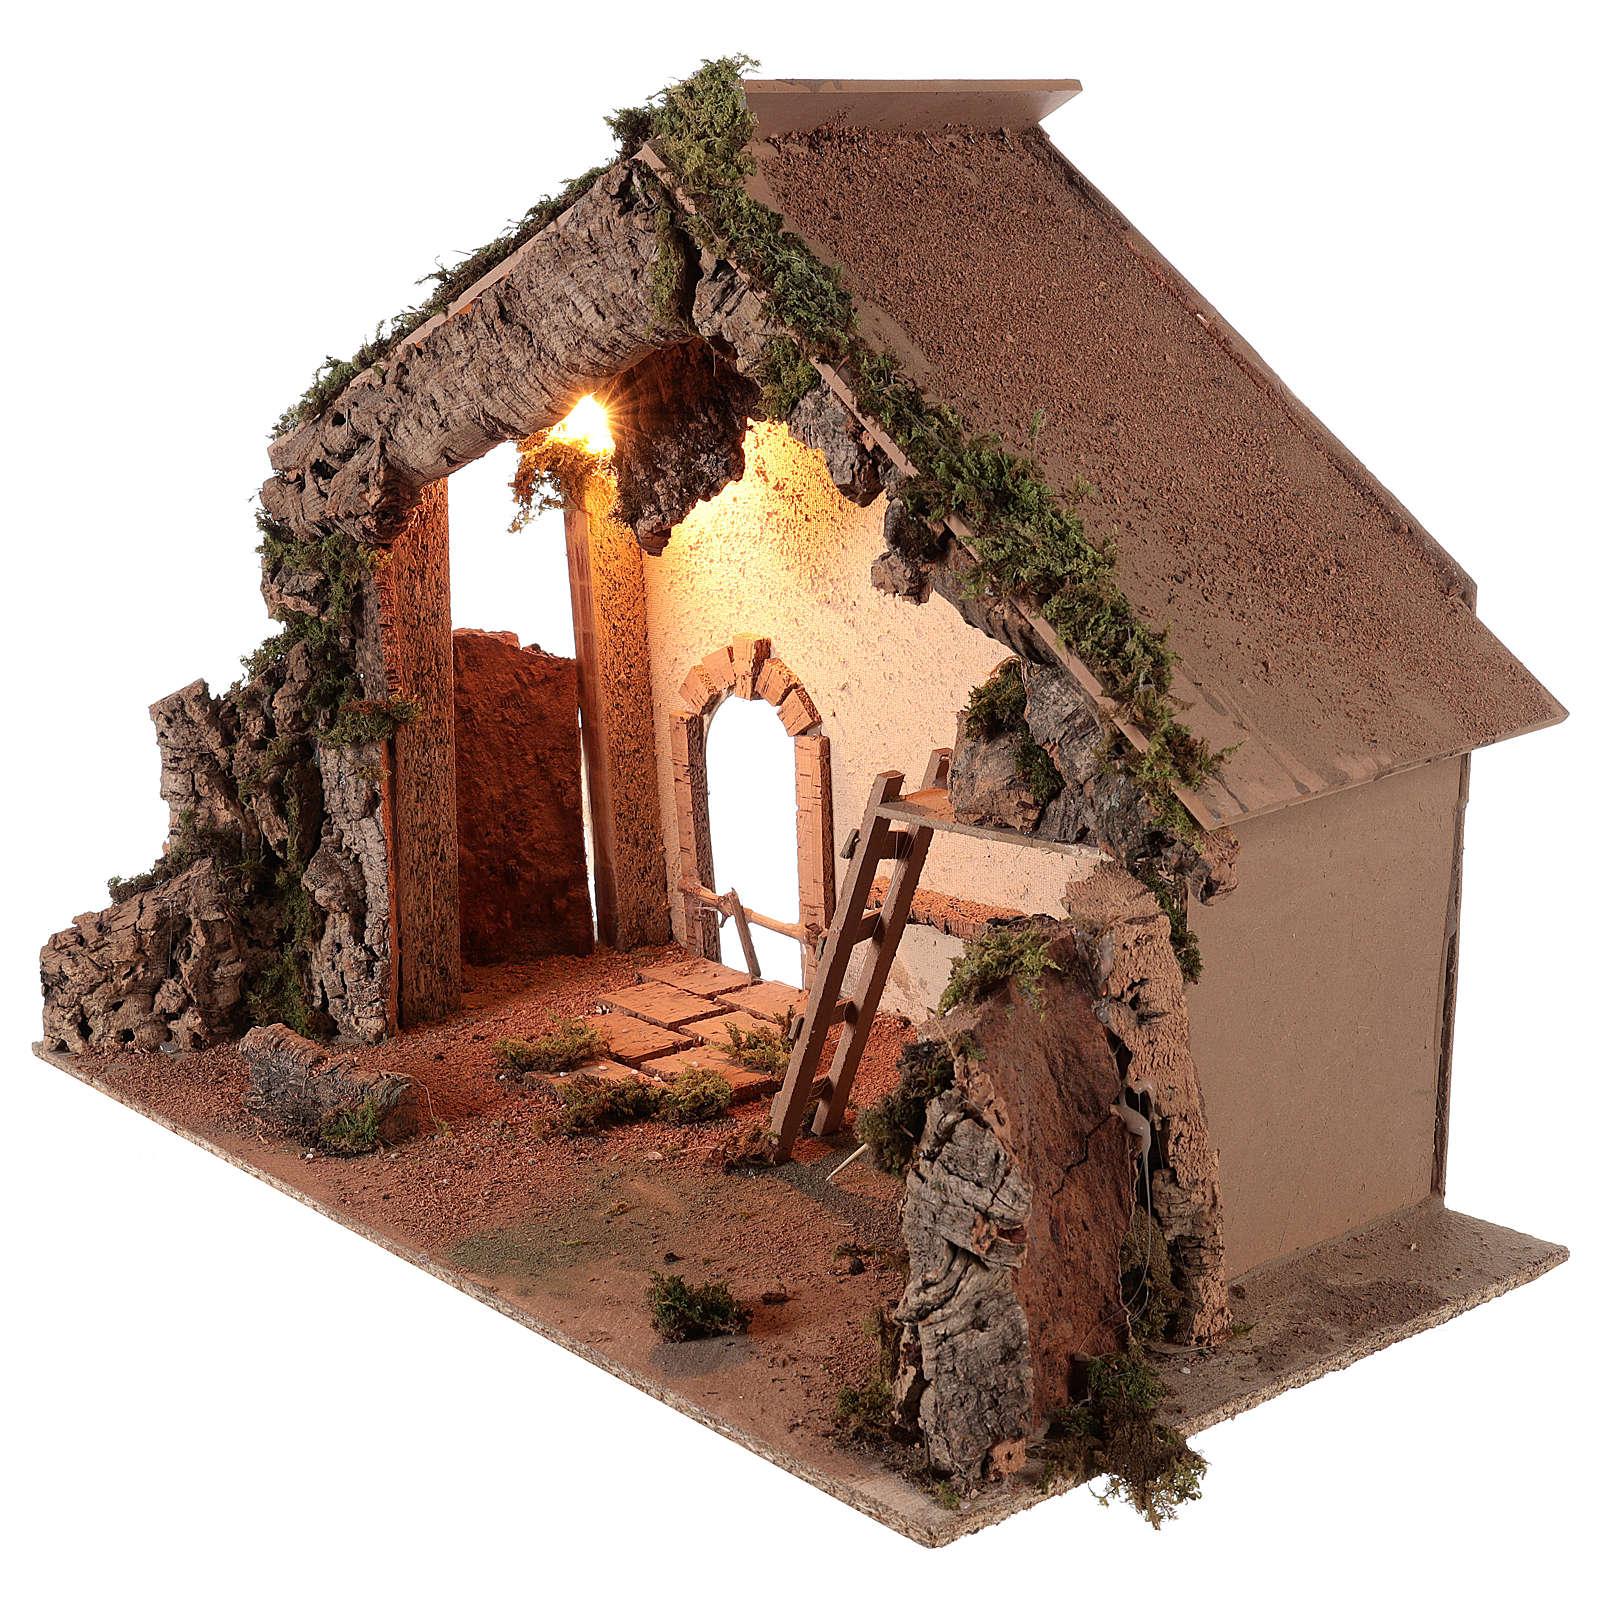 Shack setting for 12-16 cm Neapolitan Nativity scene 55x70x40 cm 4